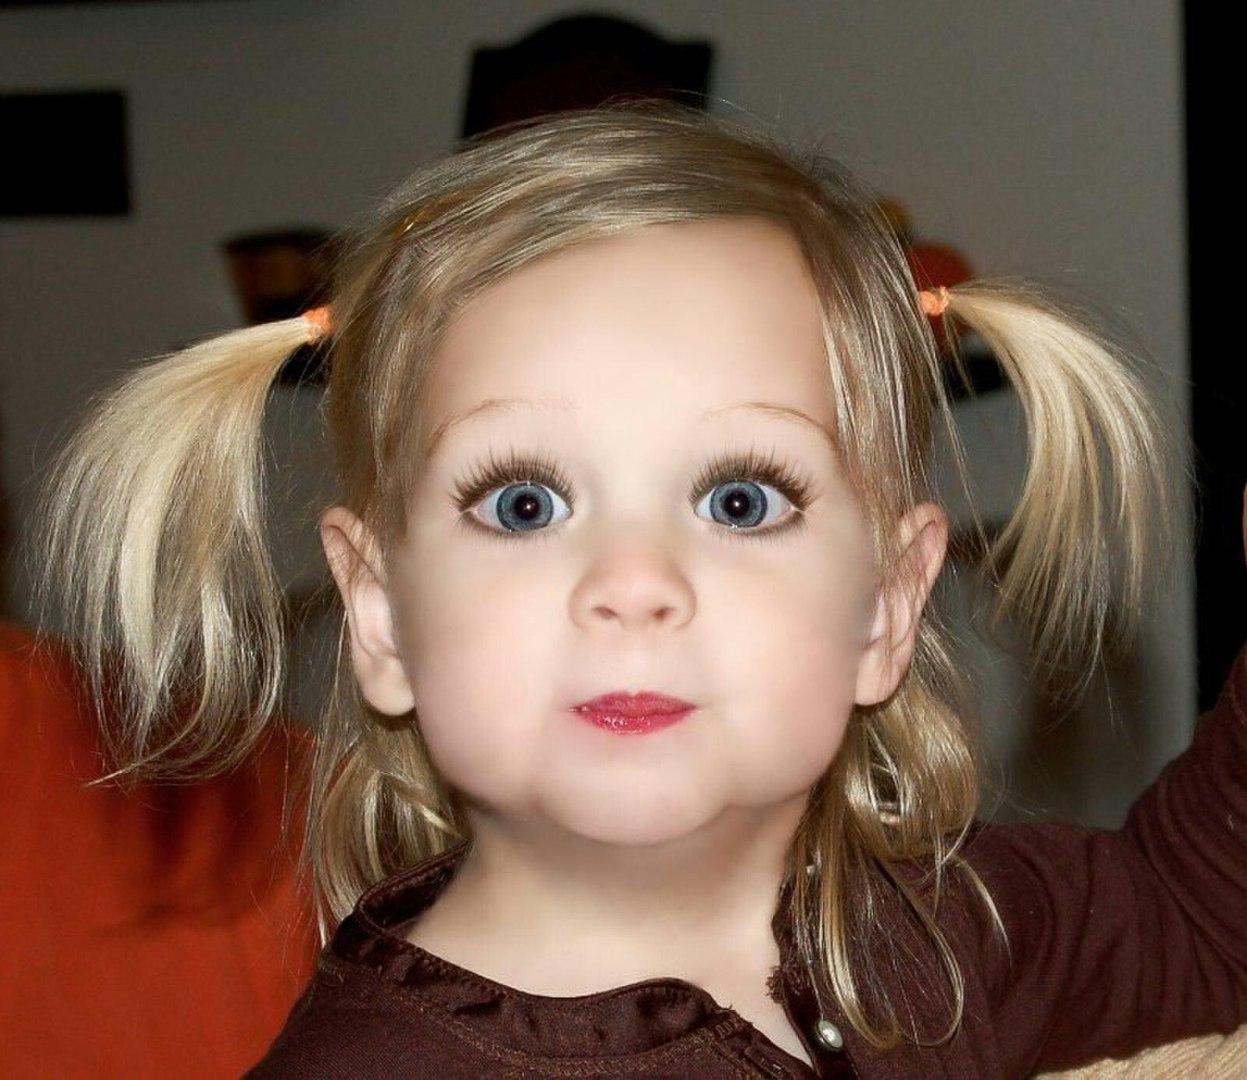 Друг другу, картинки маленькой прикольной девочки